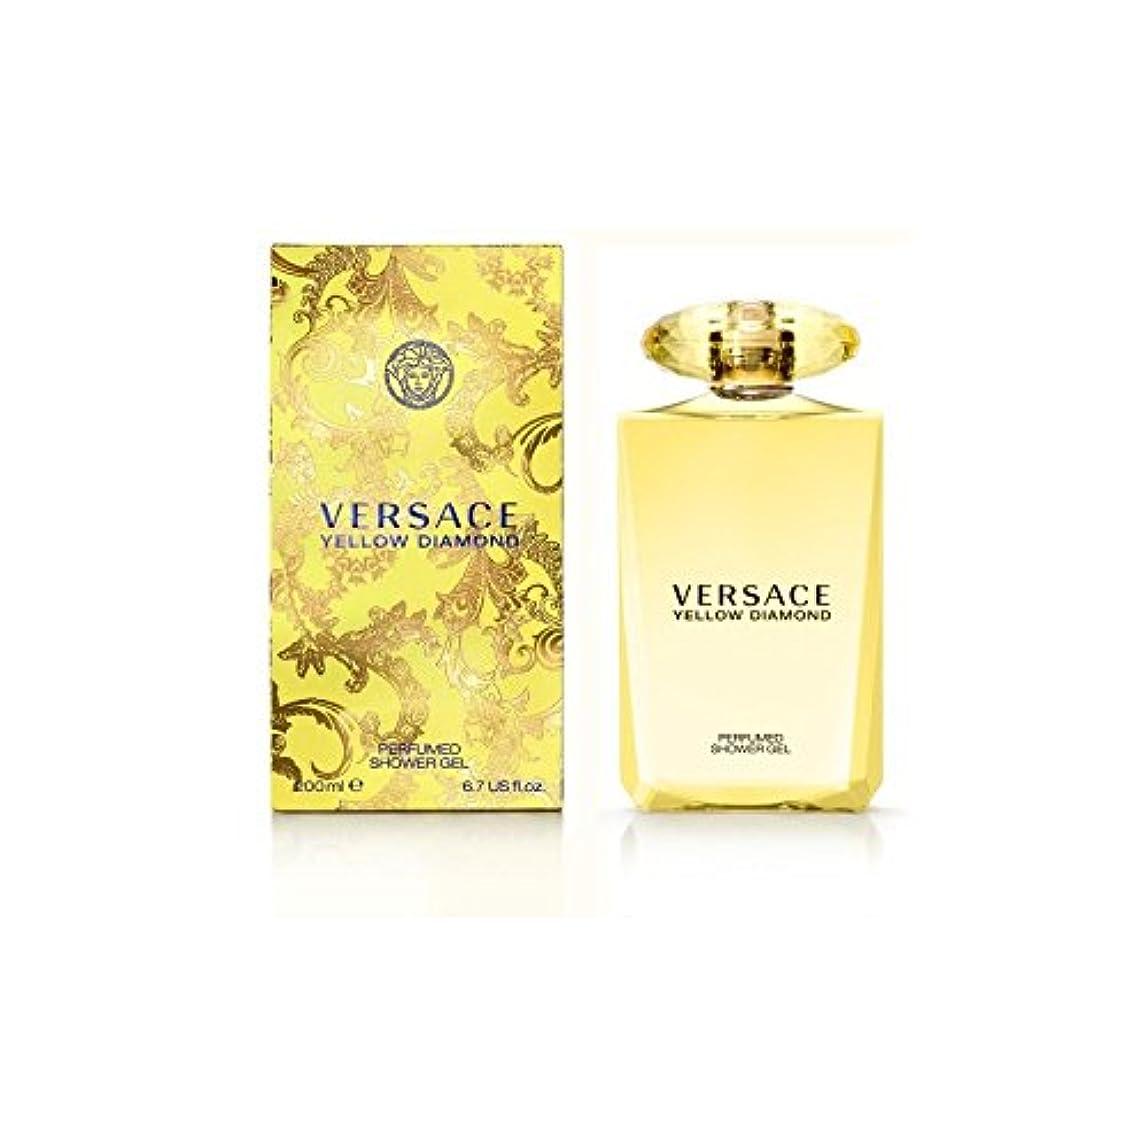 ベギンポンペイ溶けたヴェルサーチ黄色のダイヤモンドバス&シャワージェル200 x2 - Versace Yellow Diamond Bath & Shower Gel 200ml (Pack of 2) [並行輸入品]